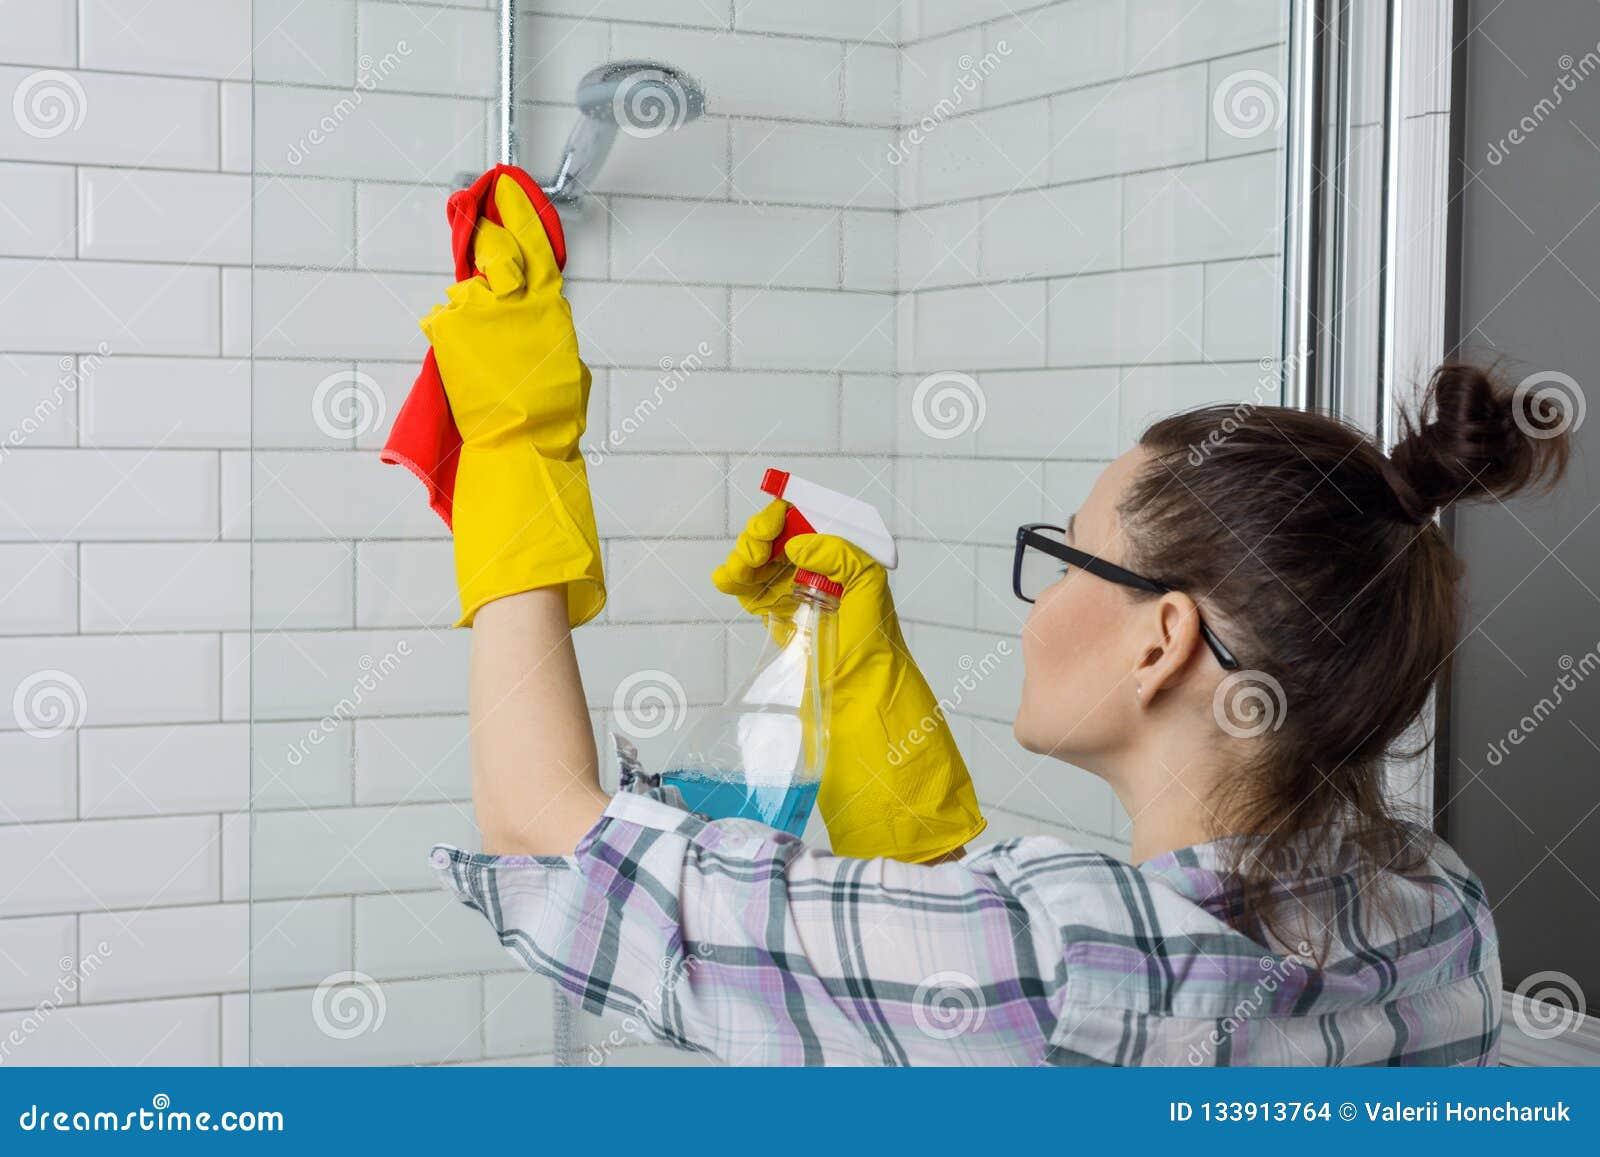 议院清洁 在家清洗卫生间的妇女,女性在便服与洗涤剂和洗碗布在卫生间里